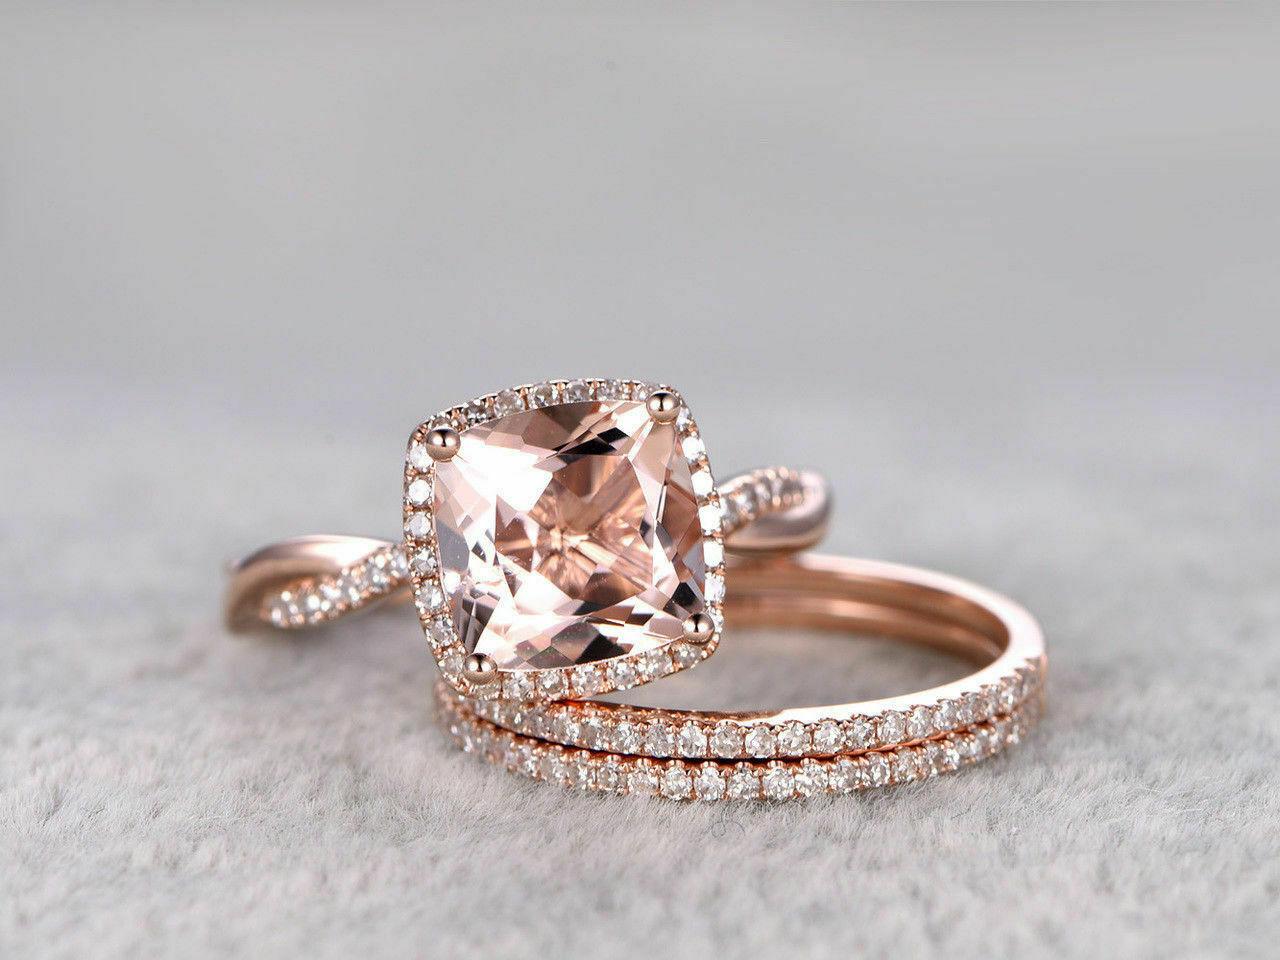 3Ct Cushion Gorgeous Cut Morganite Trio Set Engagement Ring 14K pink gold Finish